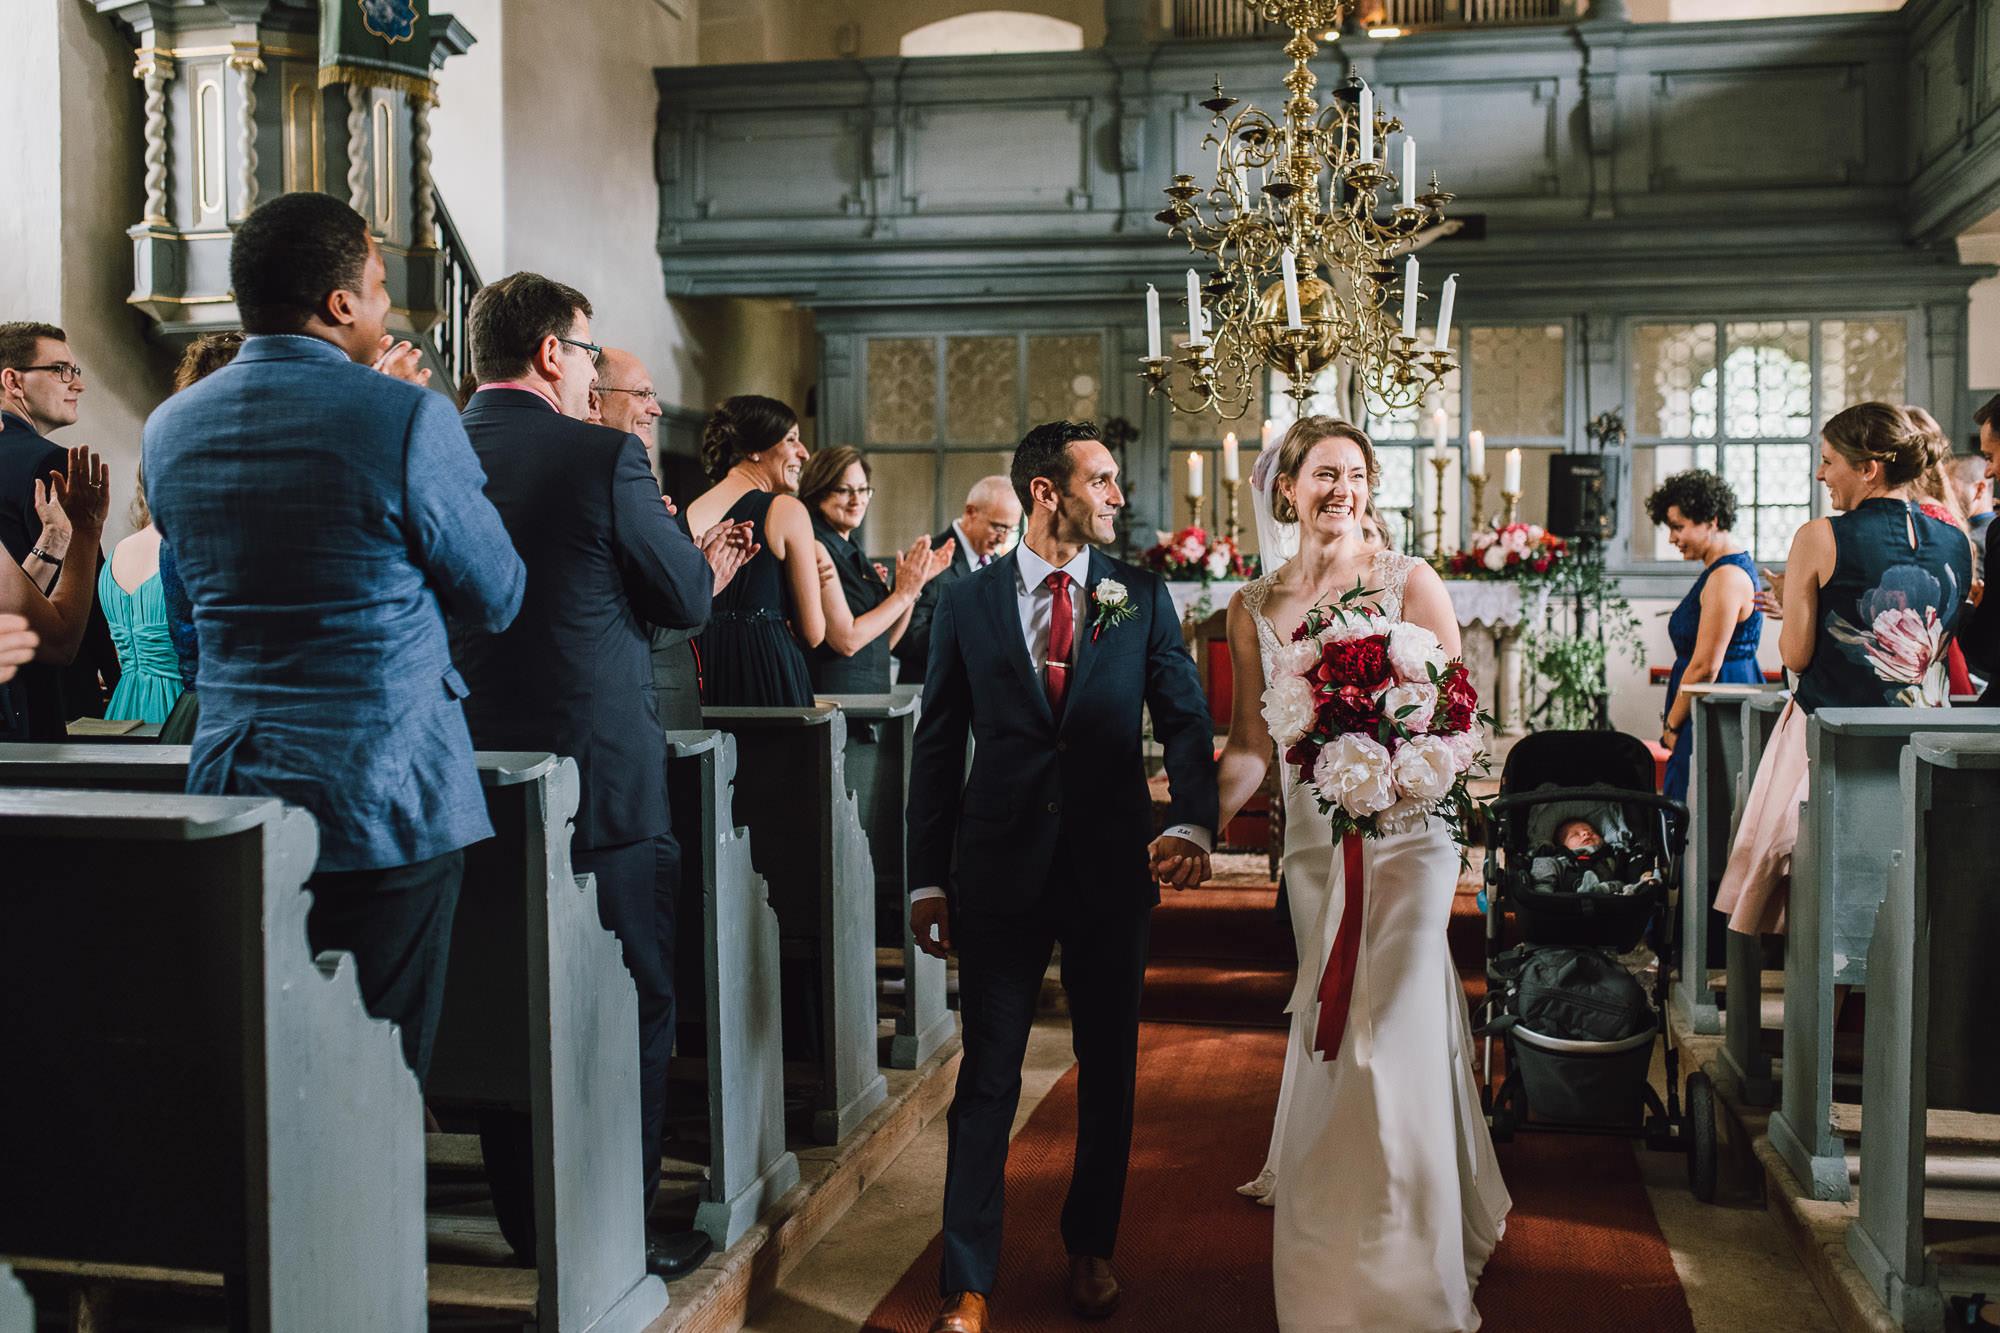 rustic-elegant-wedding-schloss-hochzeit-eyrichshof-franken-bamberg-072